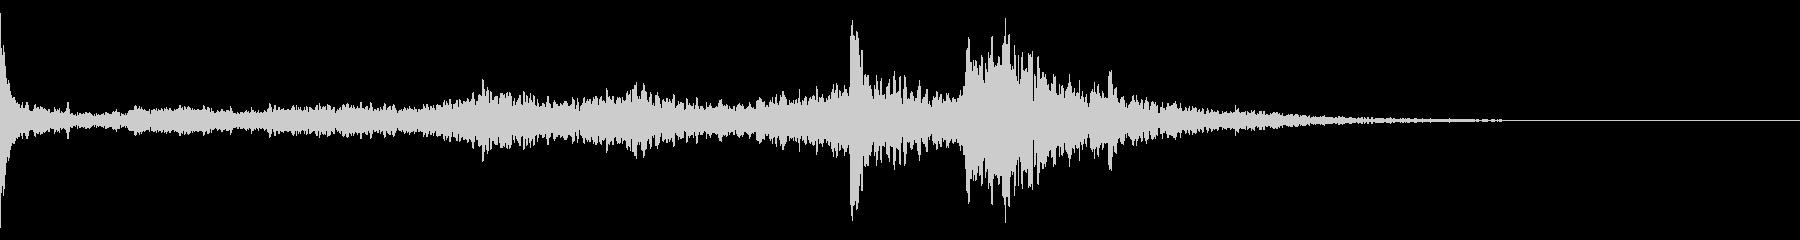 キーン(気配、耳鳴り)B10の未再生の波形